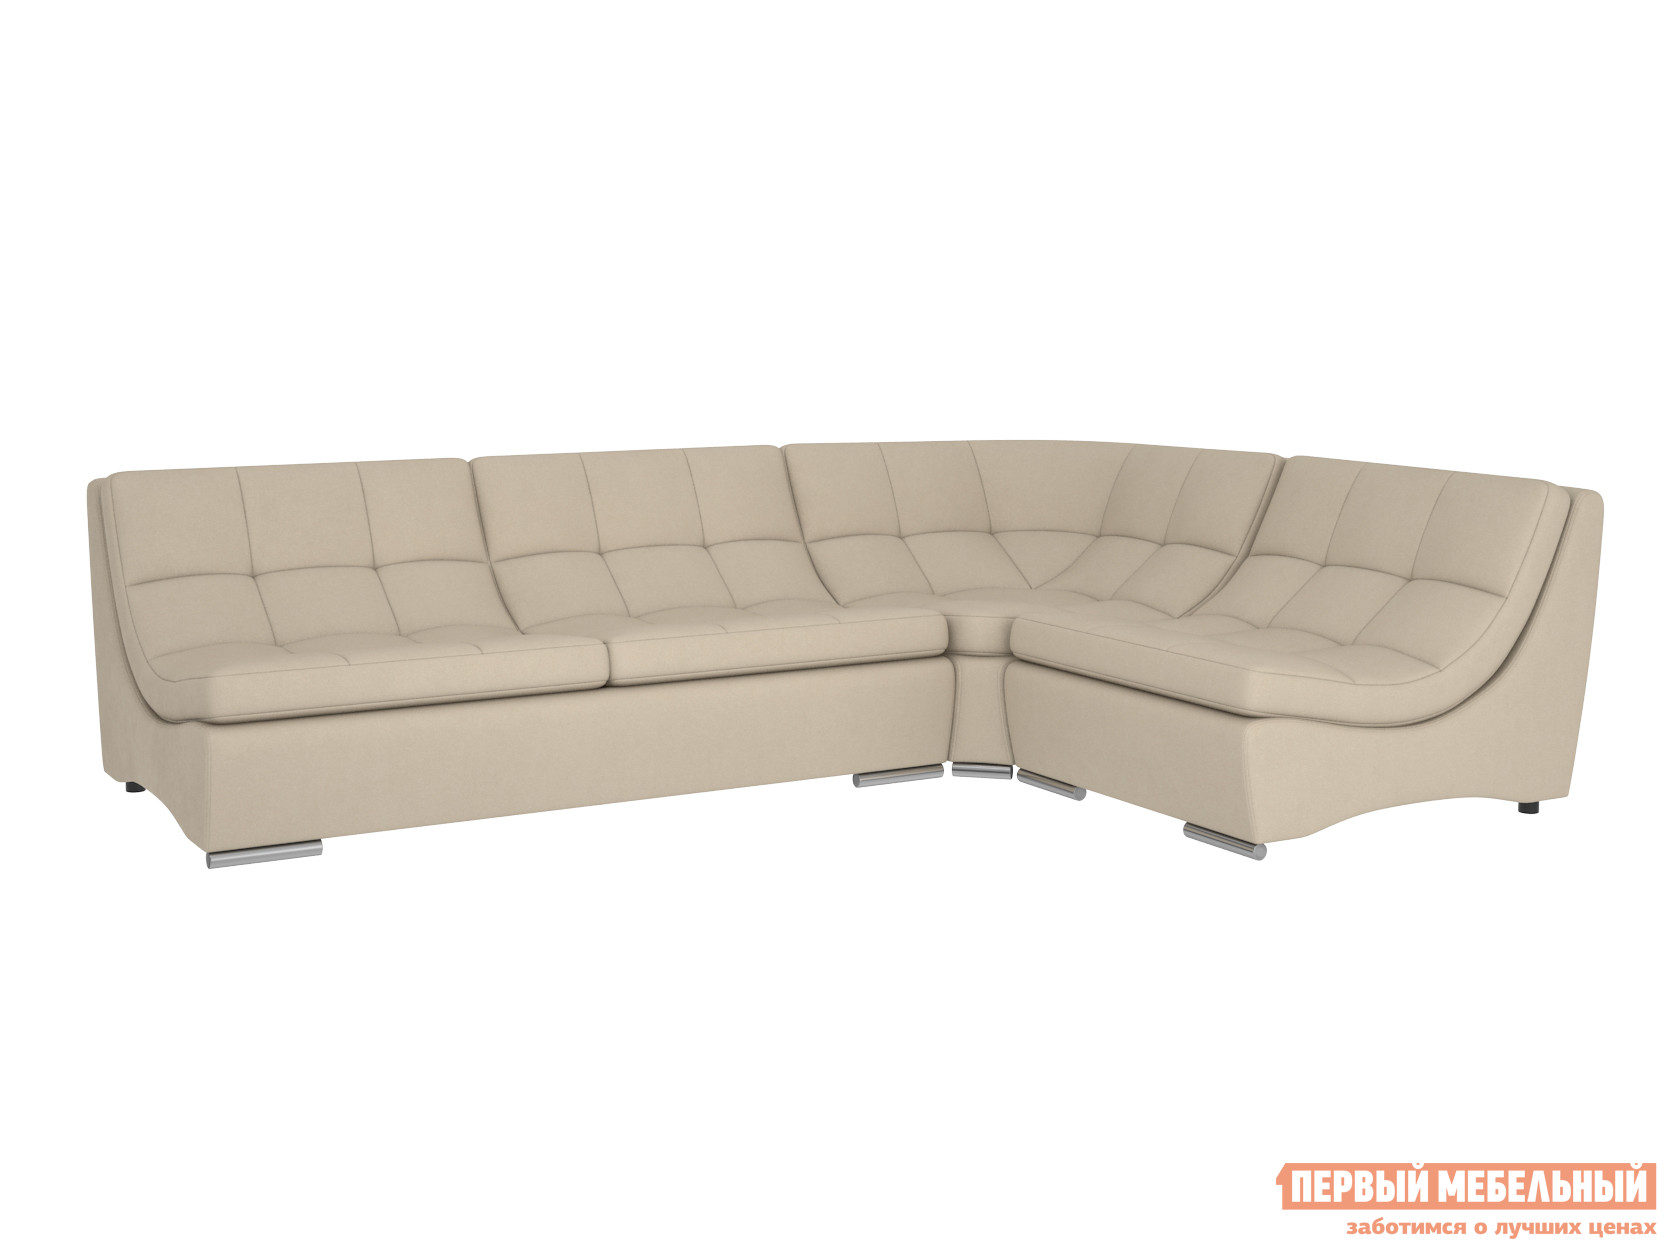 Угловой диван Первый Мебельный Модульная система Сан-Диего, вариант 2